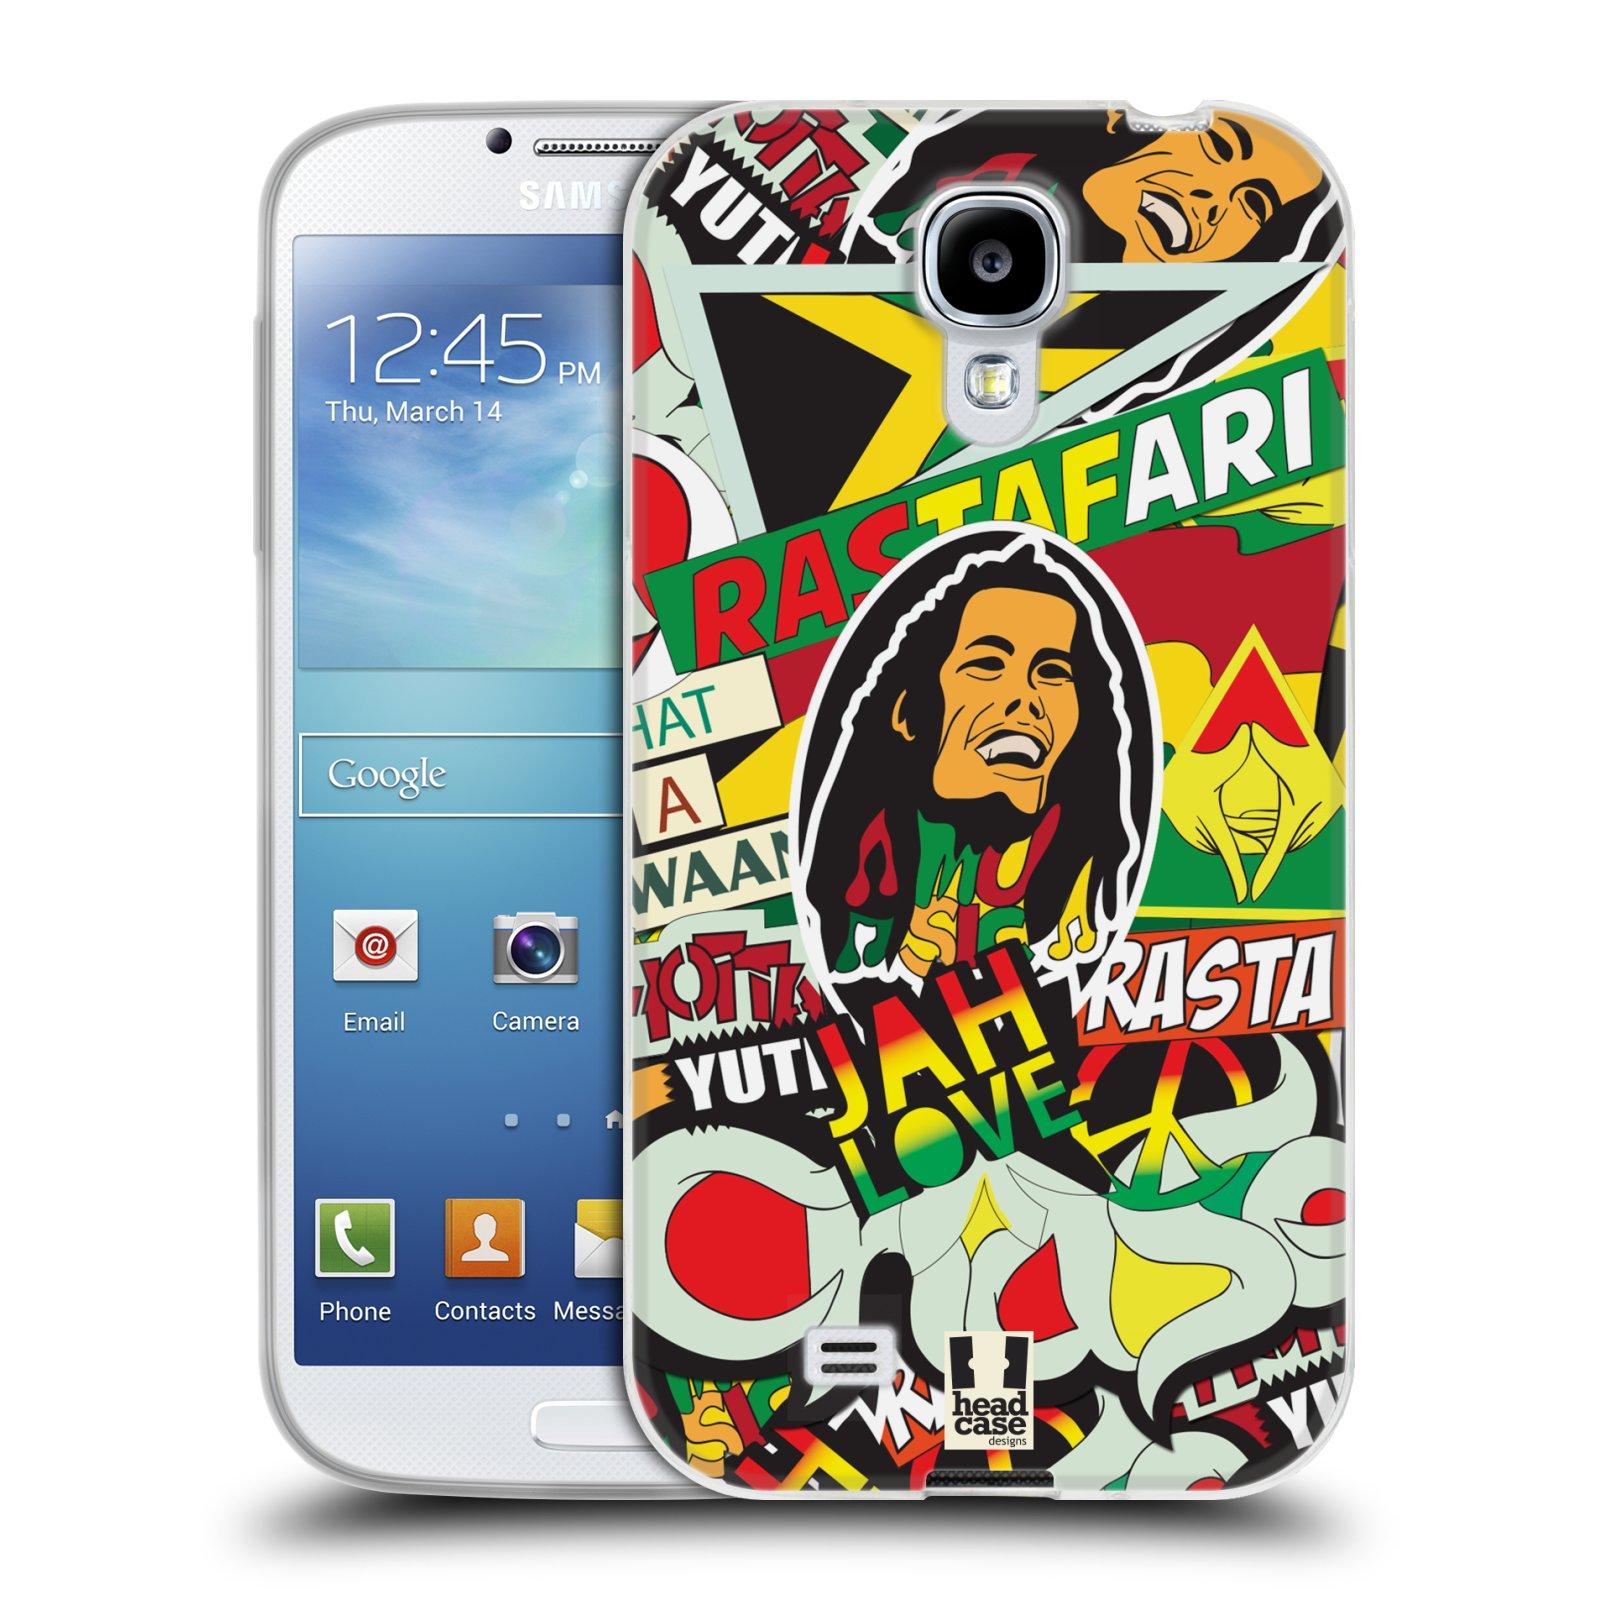 Silikonové pouzdro na mobil Samsung Galaxy S4 HEAD CASE RASTA (Silikonový kryt či obal na mobilní telefon Samsung Galaxy S4 GT-i9505 / i9500)